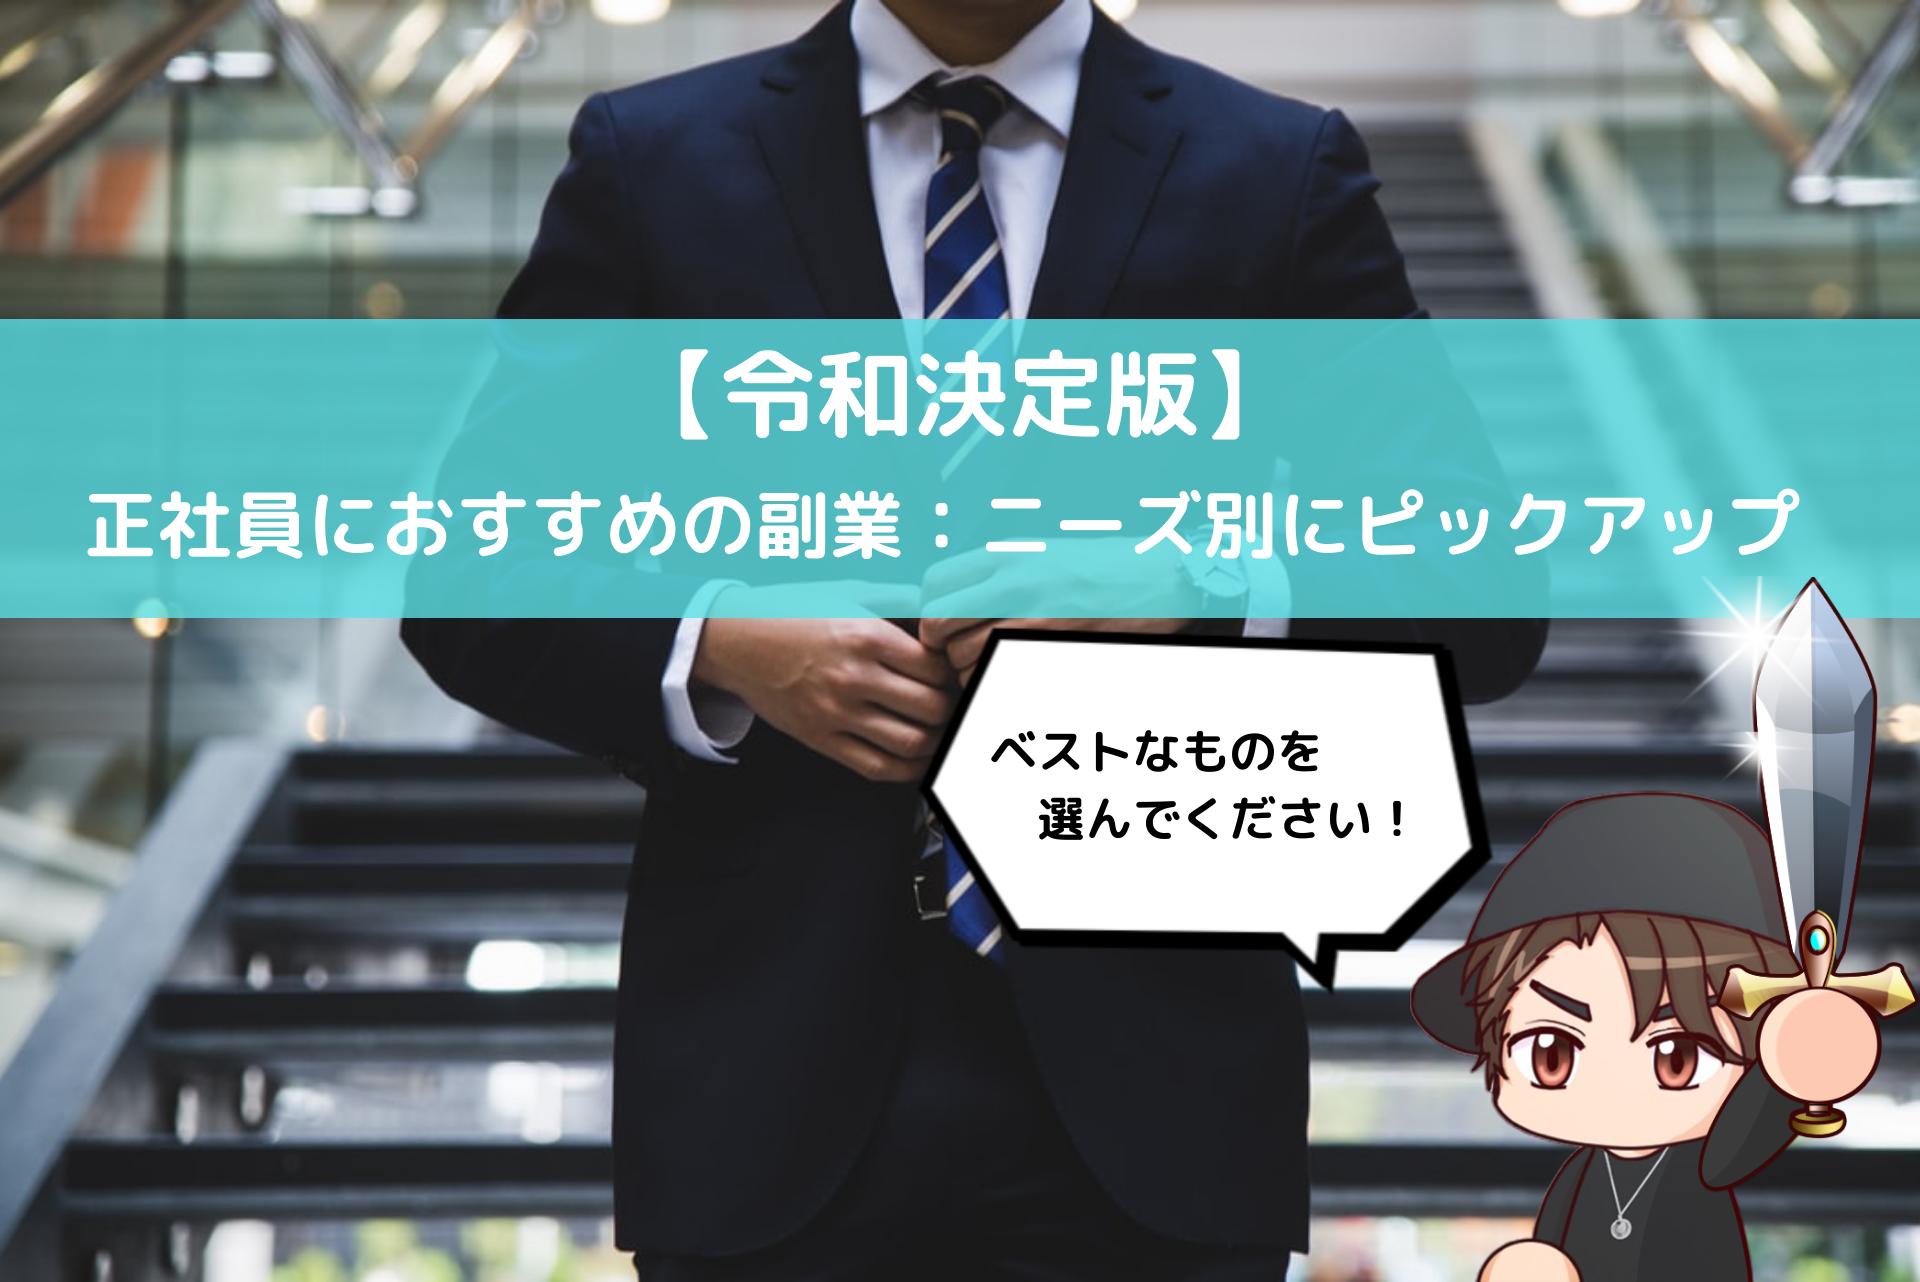 【令和決定版】正社員におすすめの副業:ニーズ別にピックアップ